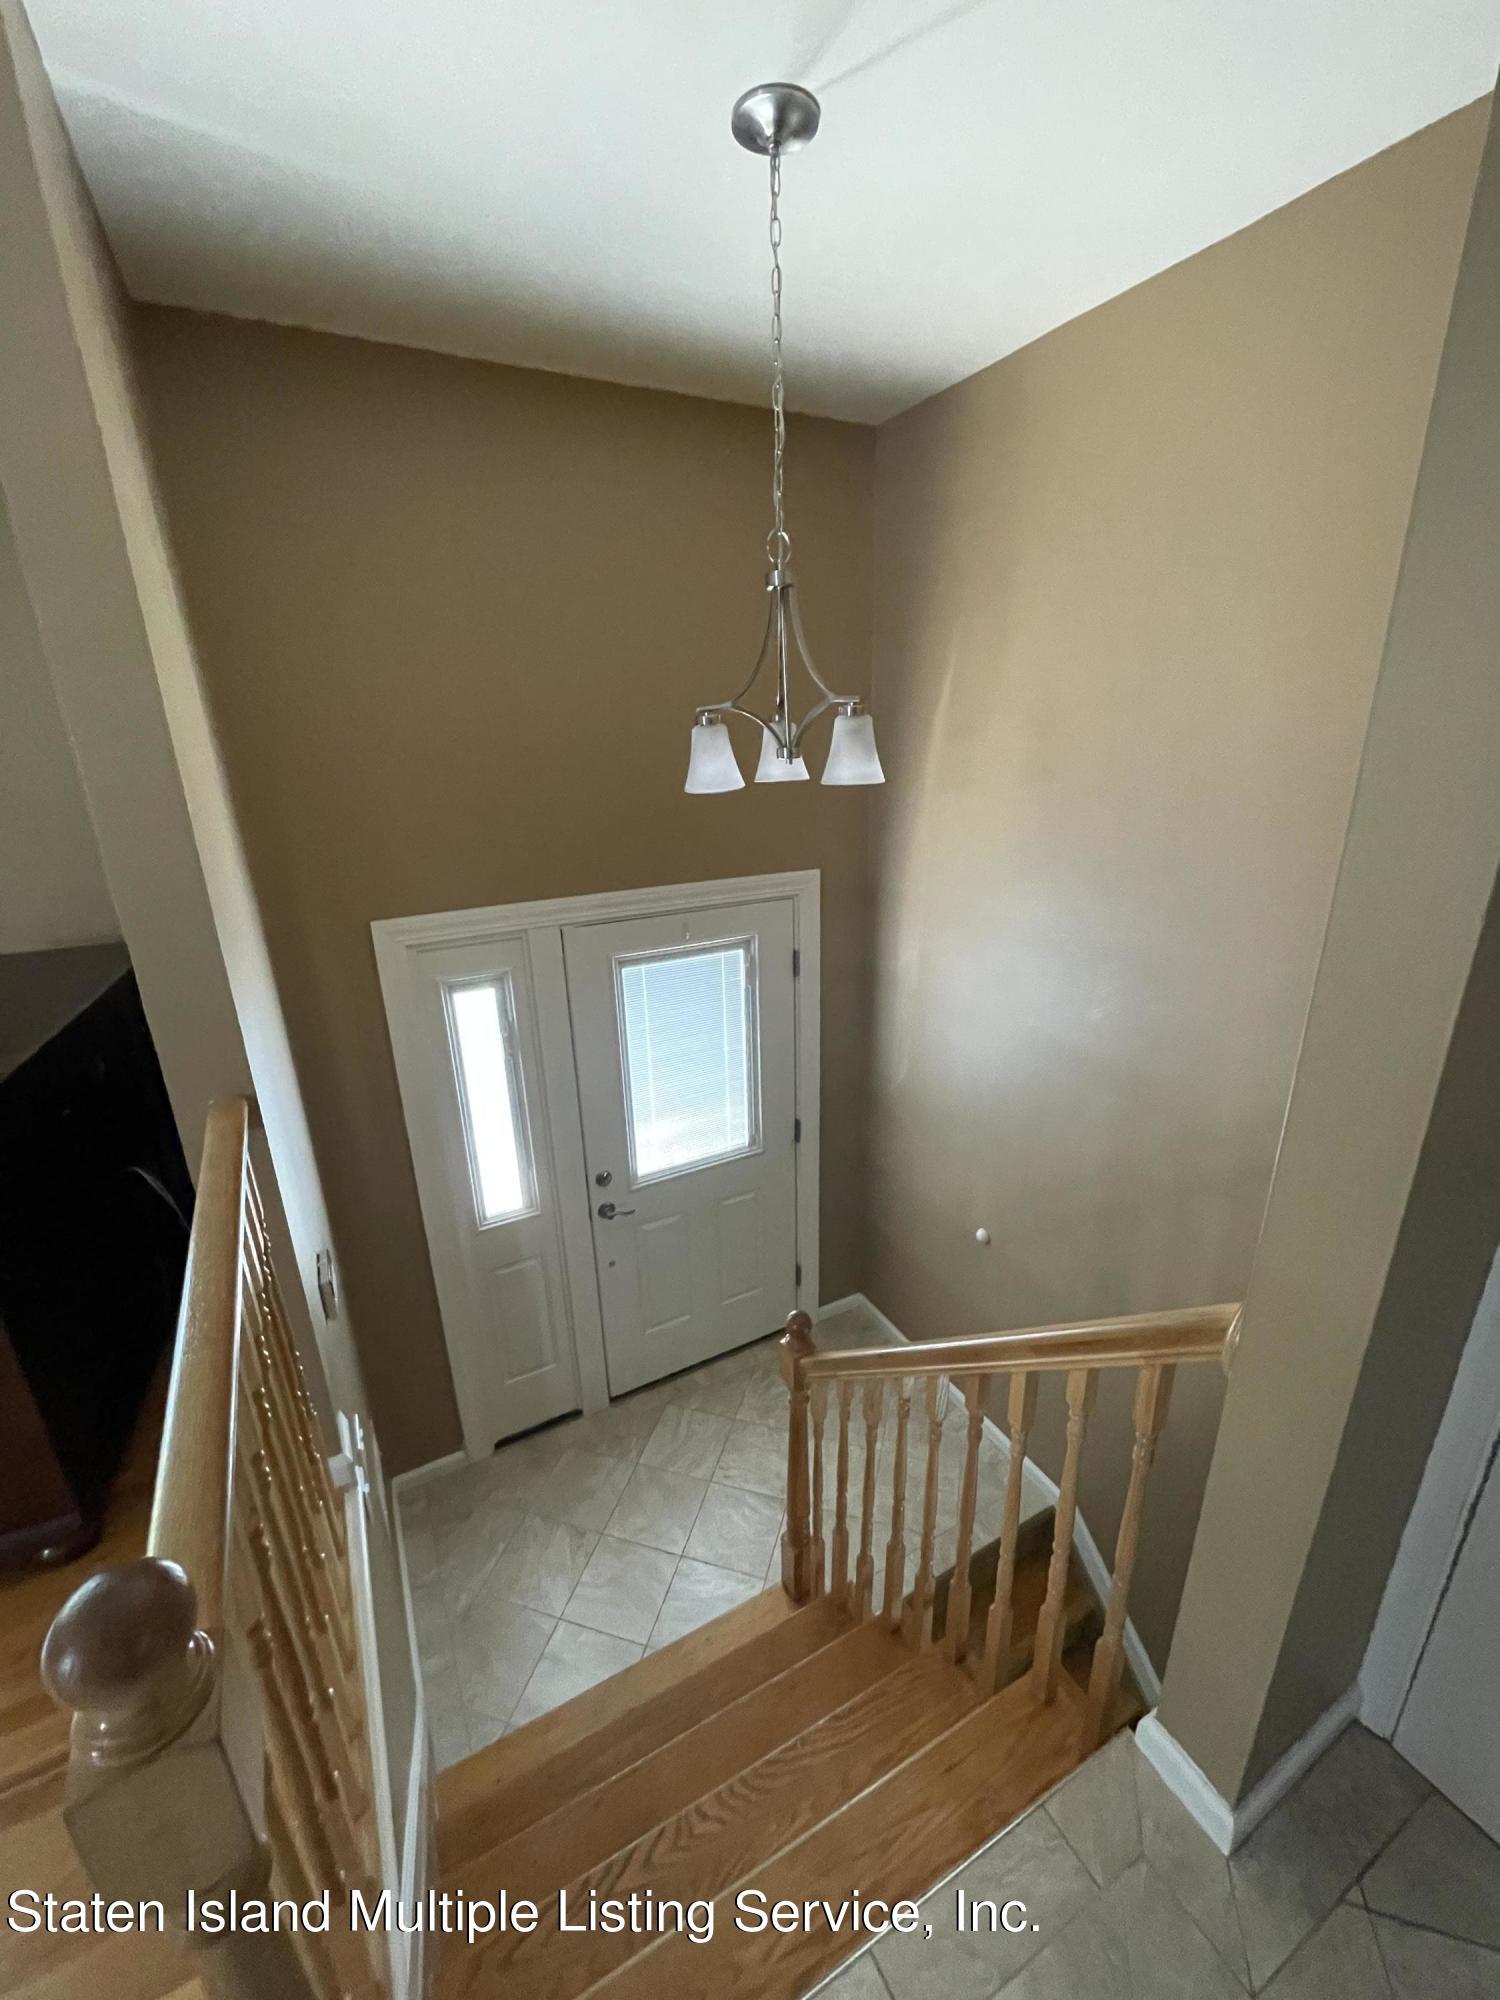 Single Family - Detached 21 Hawley Avenue  Staten Island, NY 10312, MLS-1146738-4